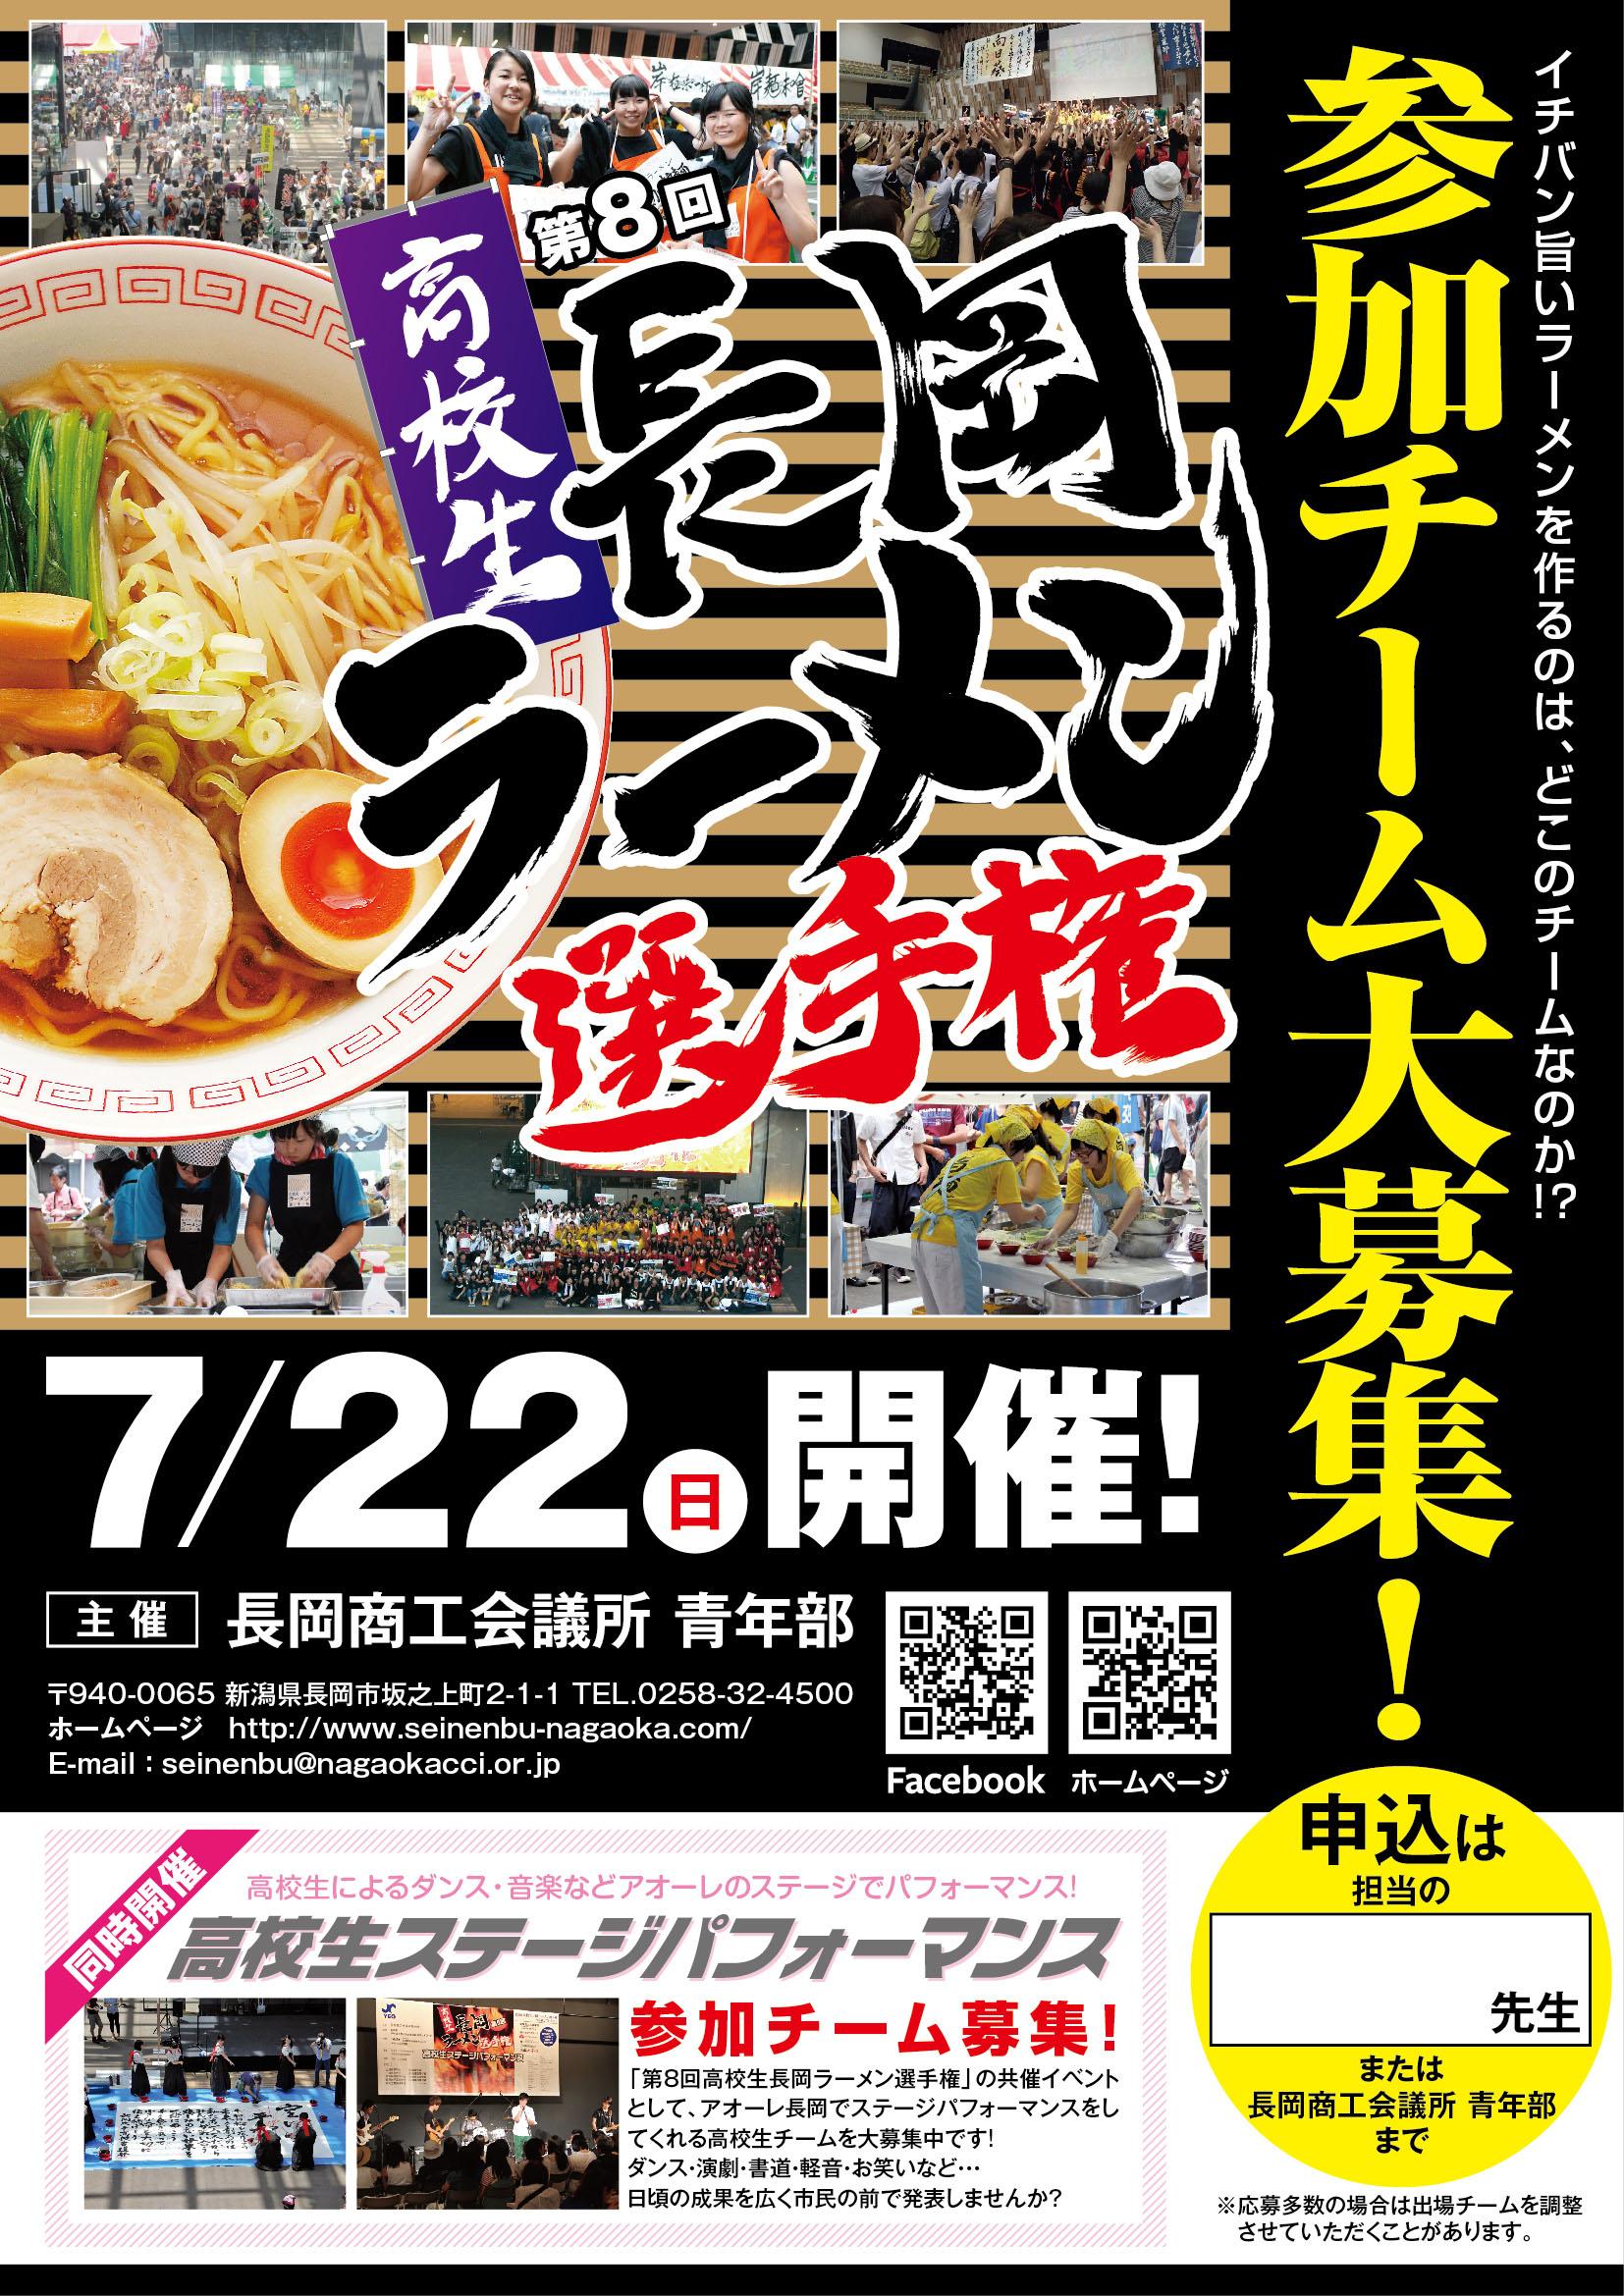 2018年7月22日(日) 「第8回高校生長岡ラーメン選手権」ポスター